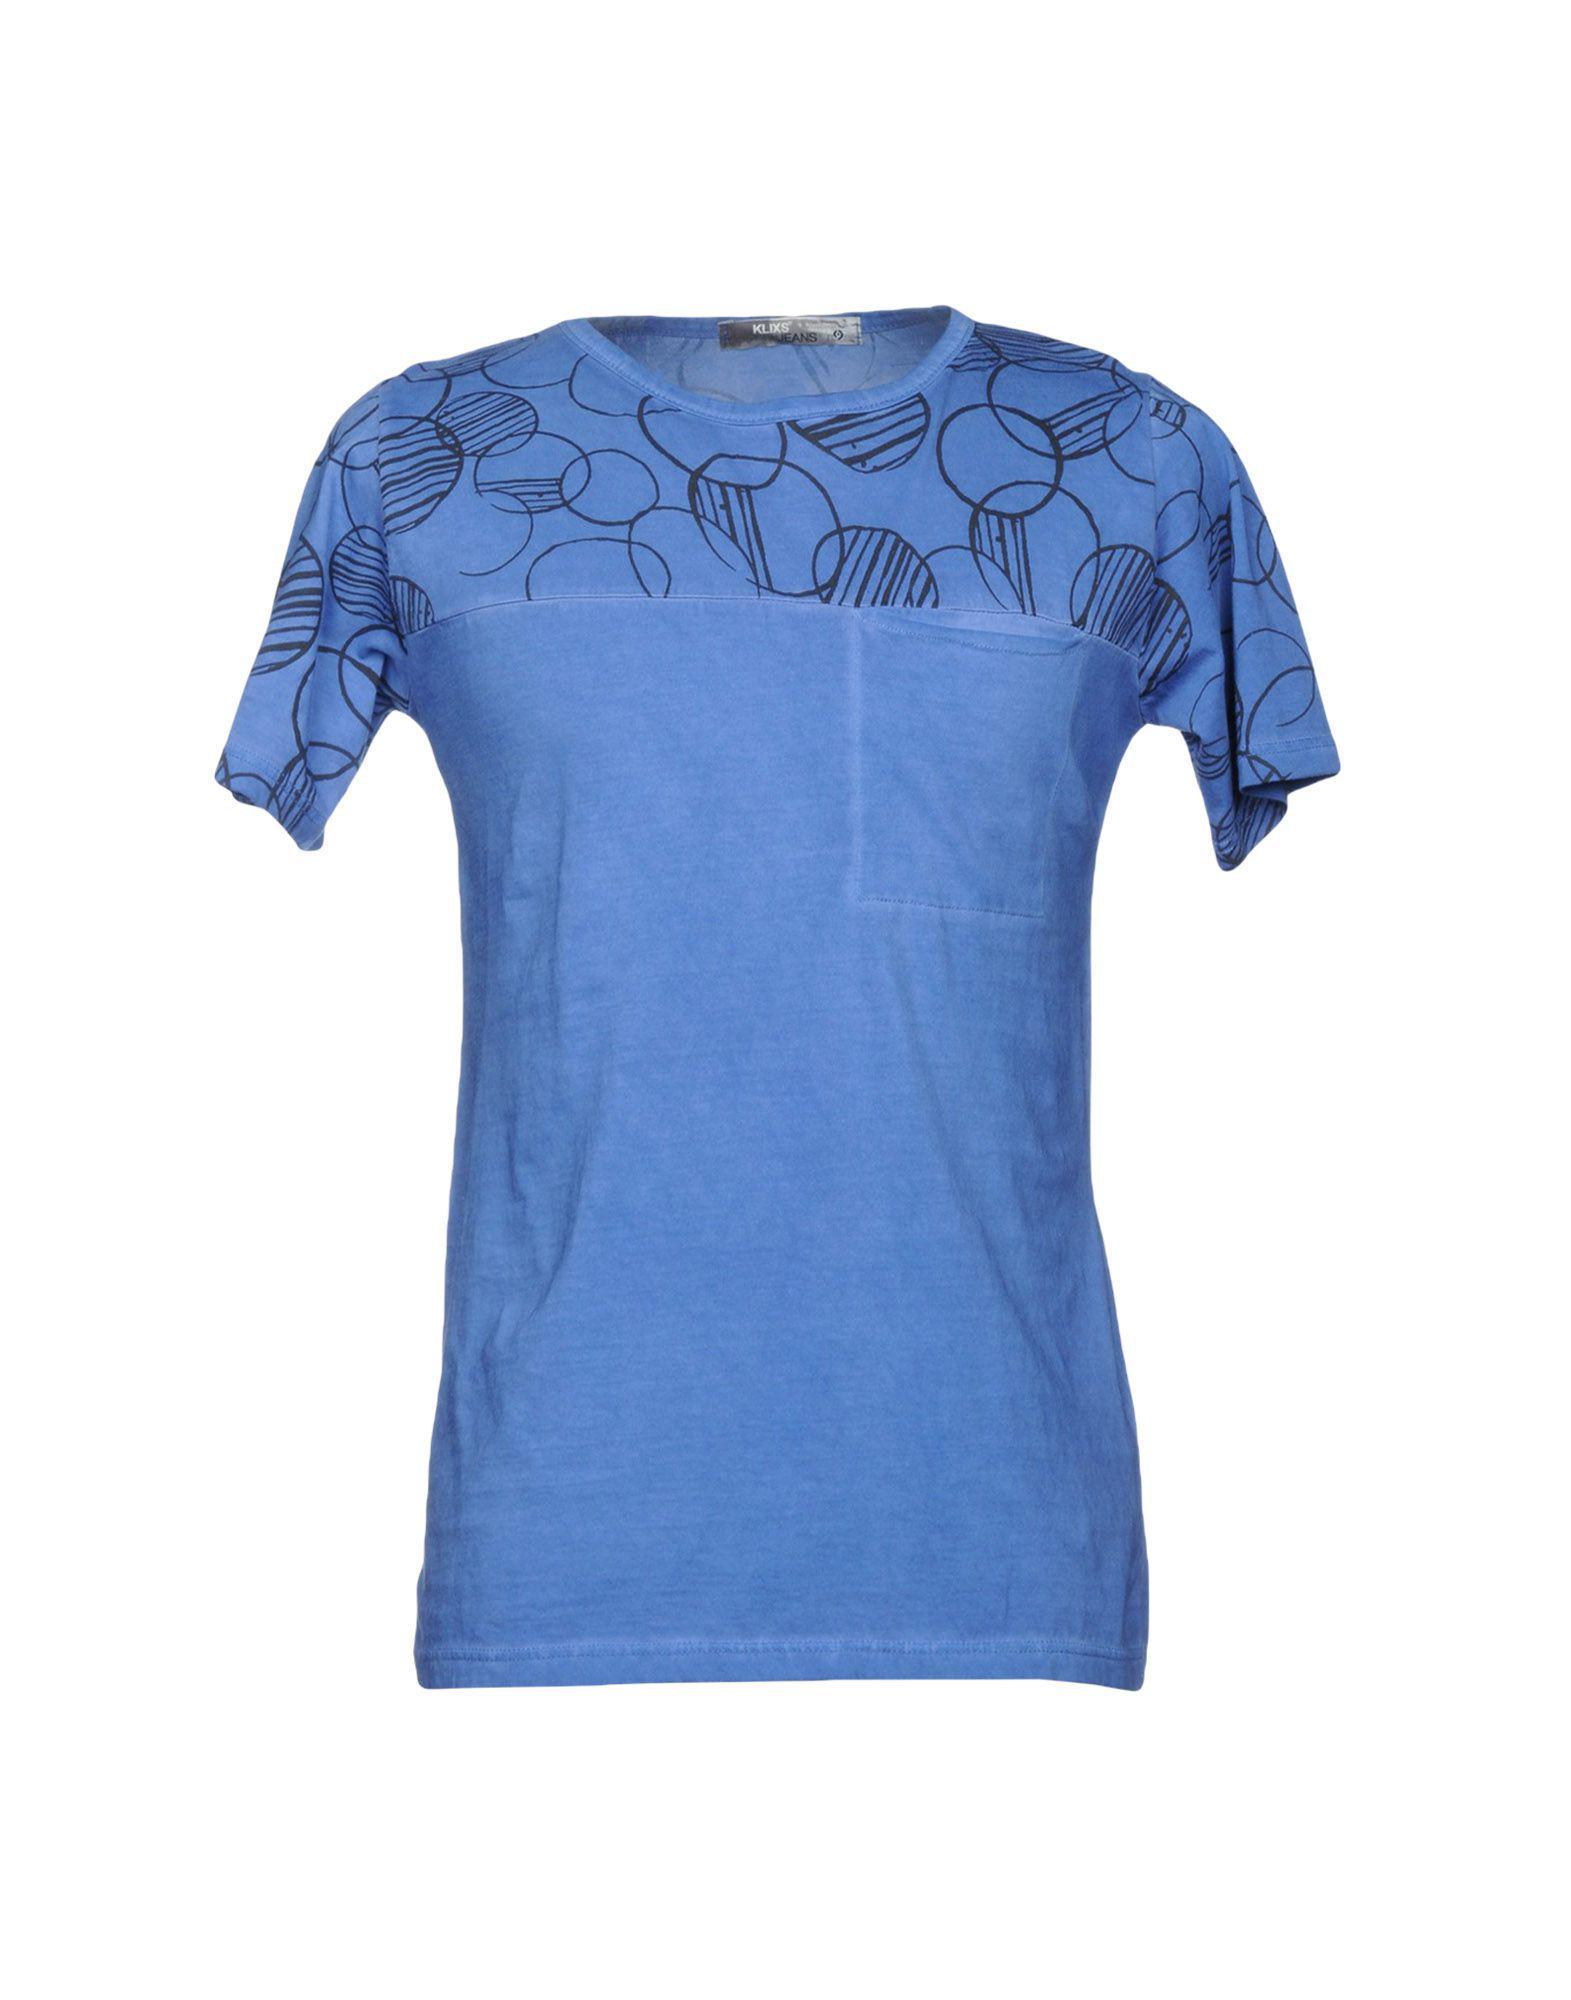 Cheapest SHIRTS - Shirts Klixs Jeans Buy Cheap Cheapest zbMq68q2